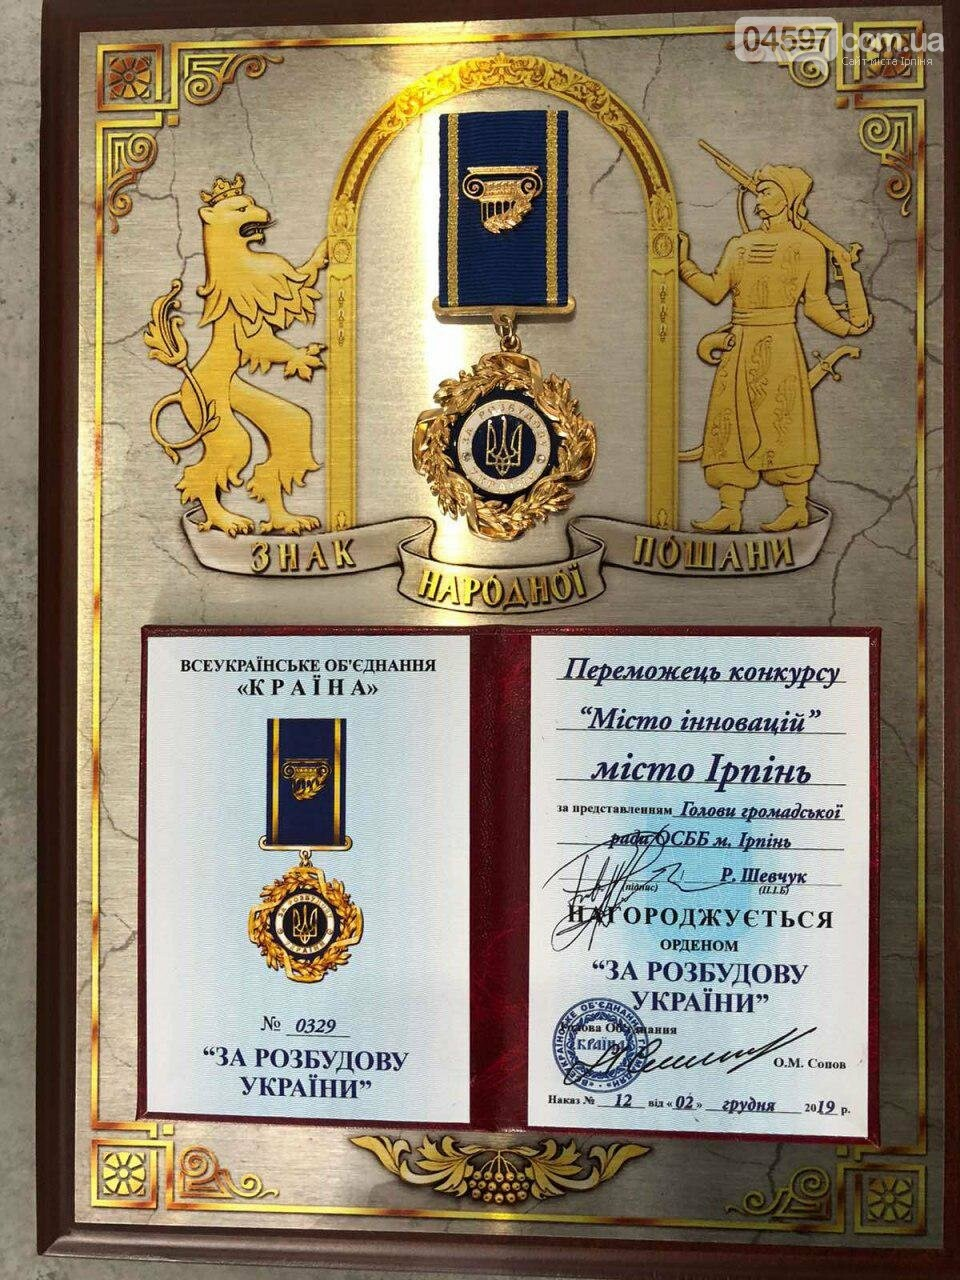 Ірпінь визнали найінноваційнішим містом України і нагородили орденом, фото-2